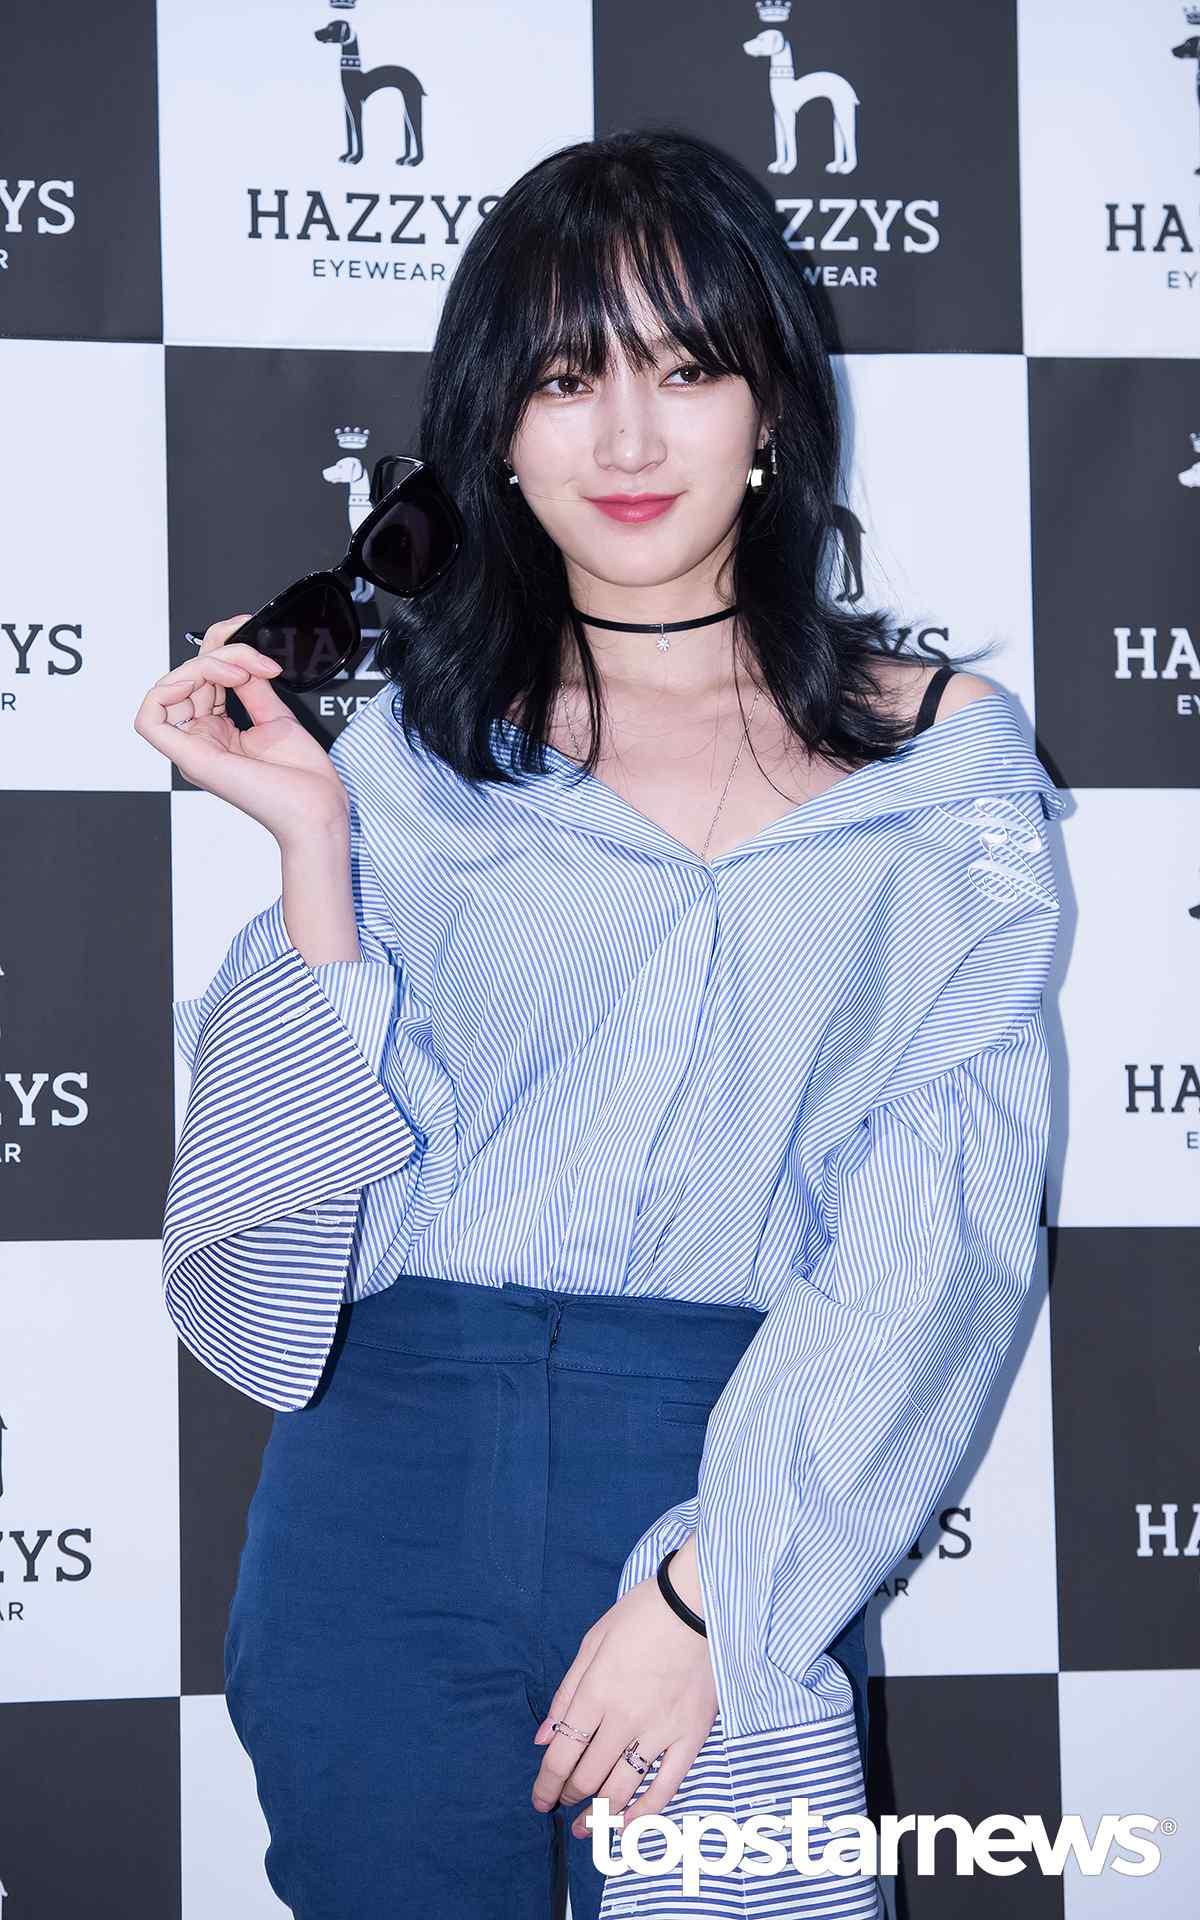 對啦~她就是miss A的中國籍成員Jia!